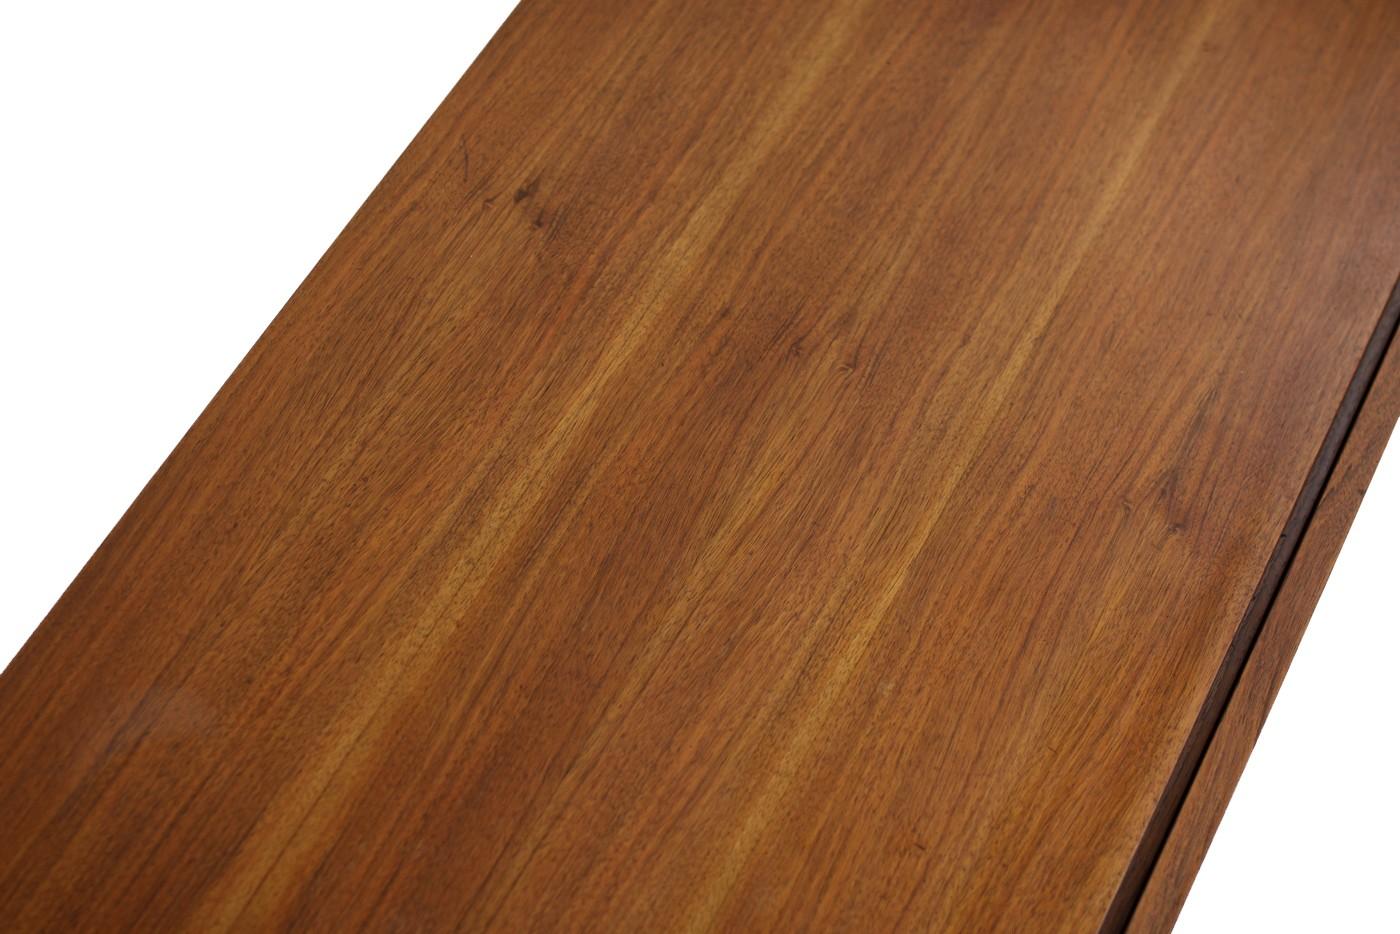 mid century modern minimalist teak sideboard germany 1960s. Black Bedroom Furniture Sets. Home Design Ideas